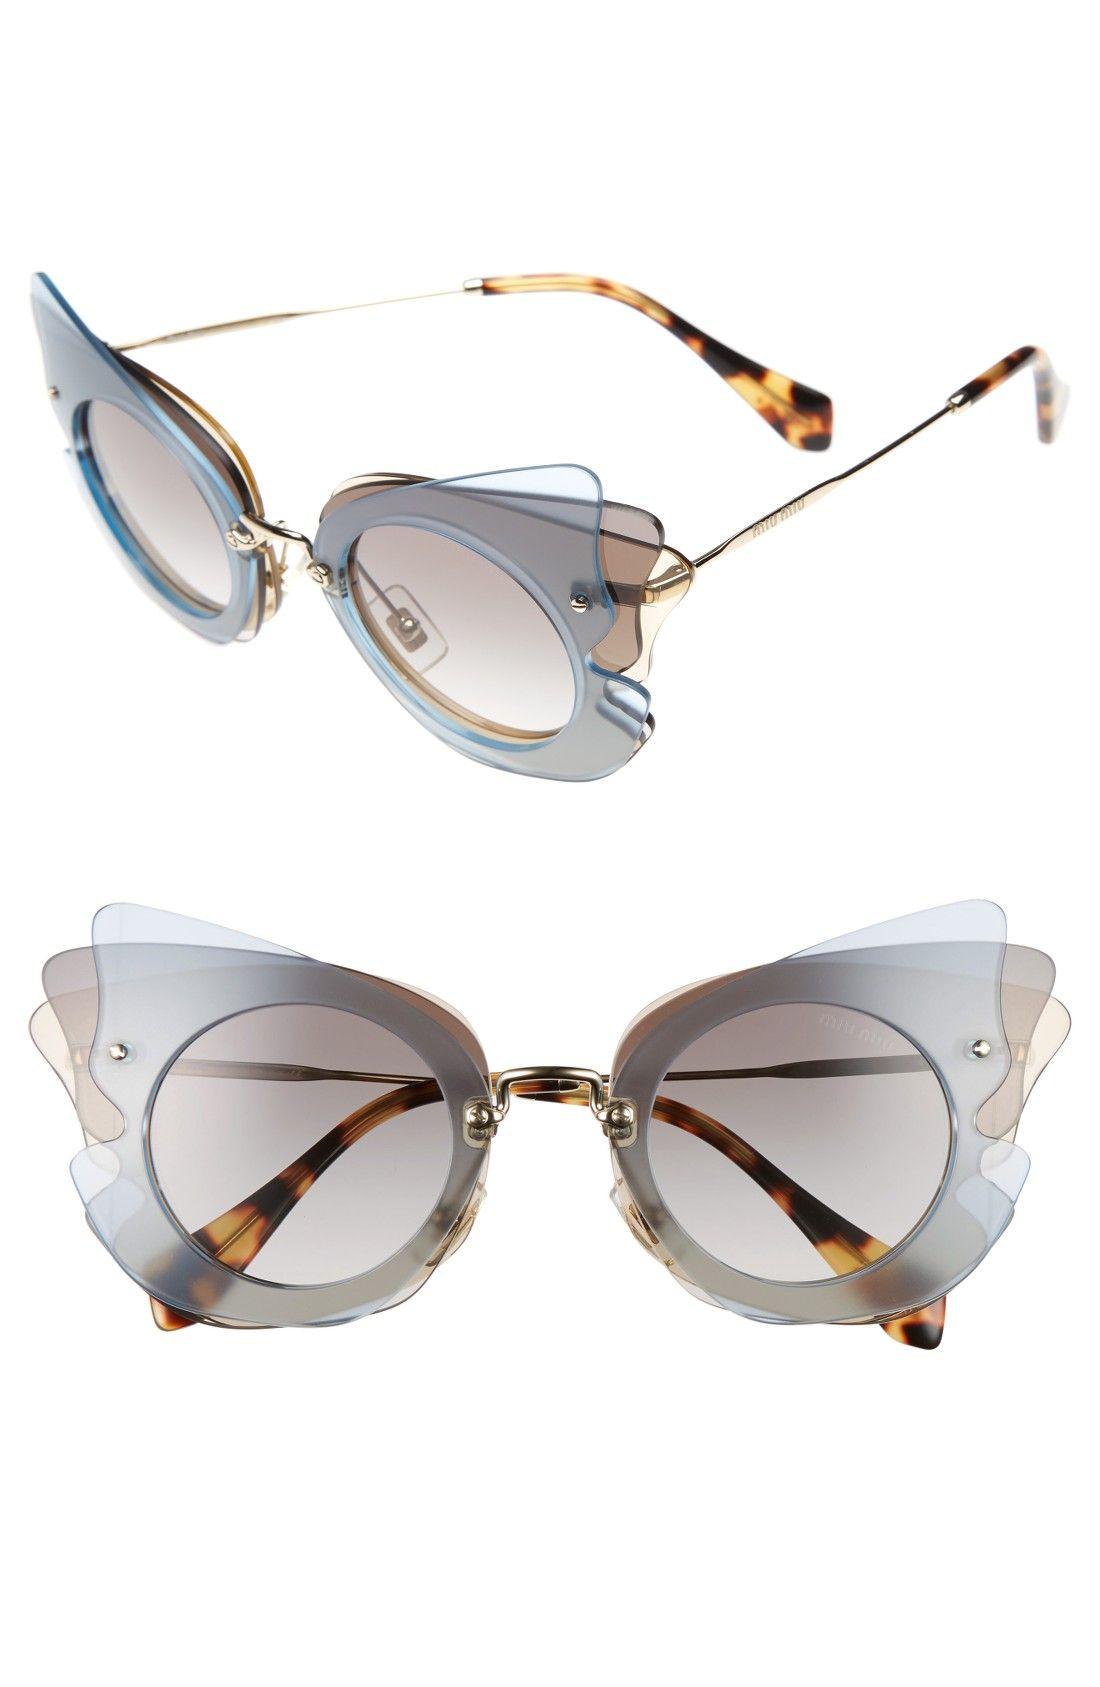 a7f3874217a Miu Miu 63mm Butterfly Sunglasses